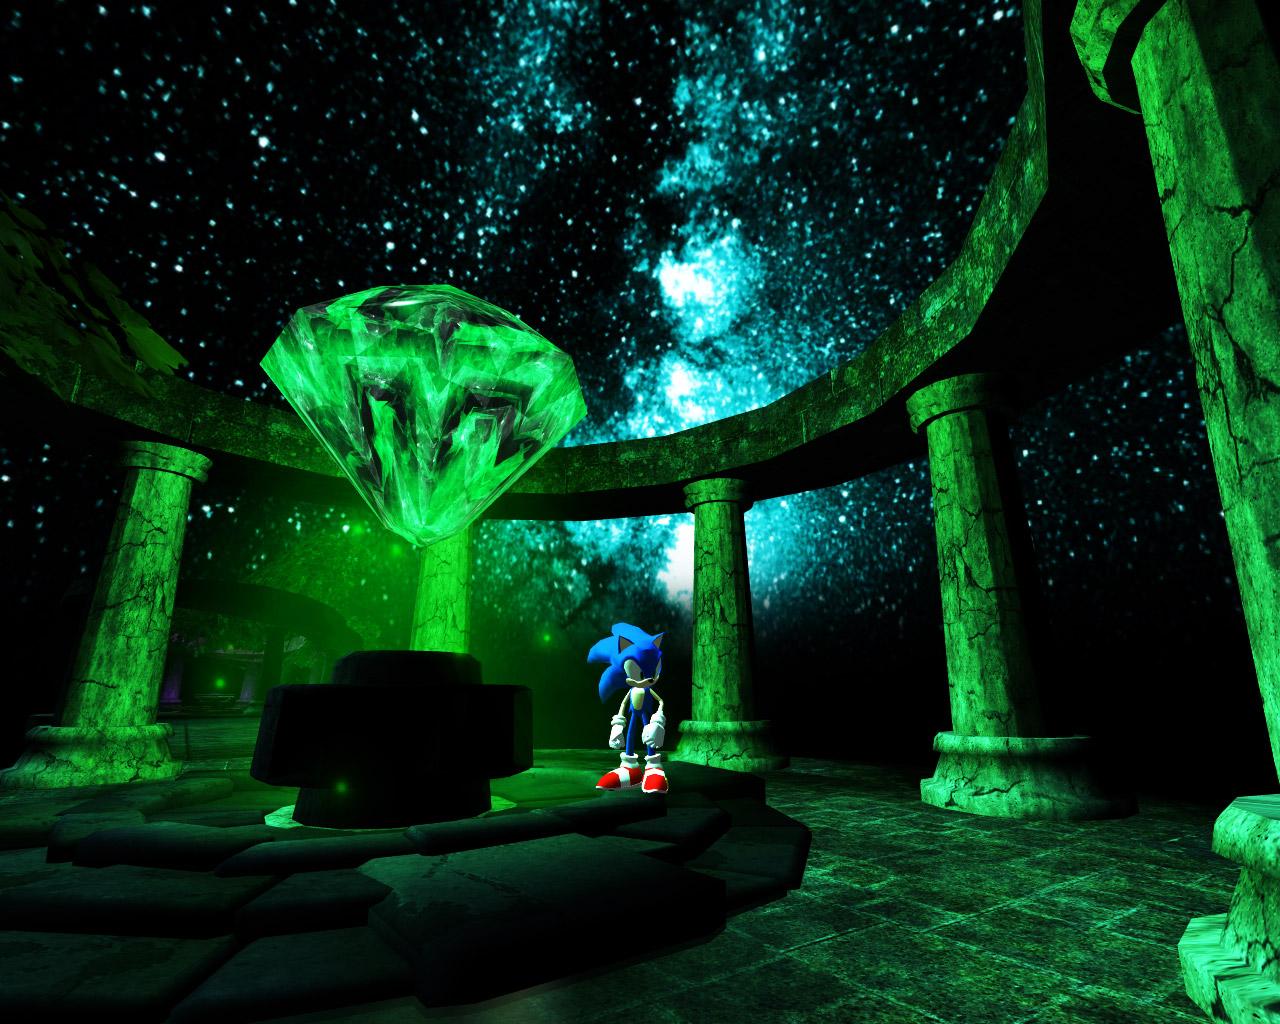 Emerald - Master I Am